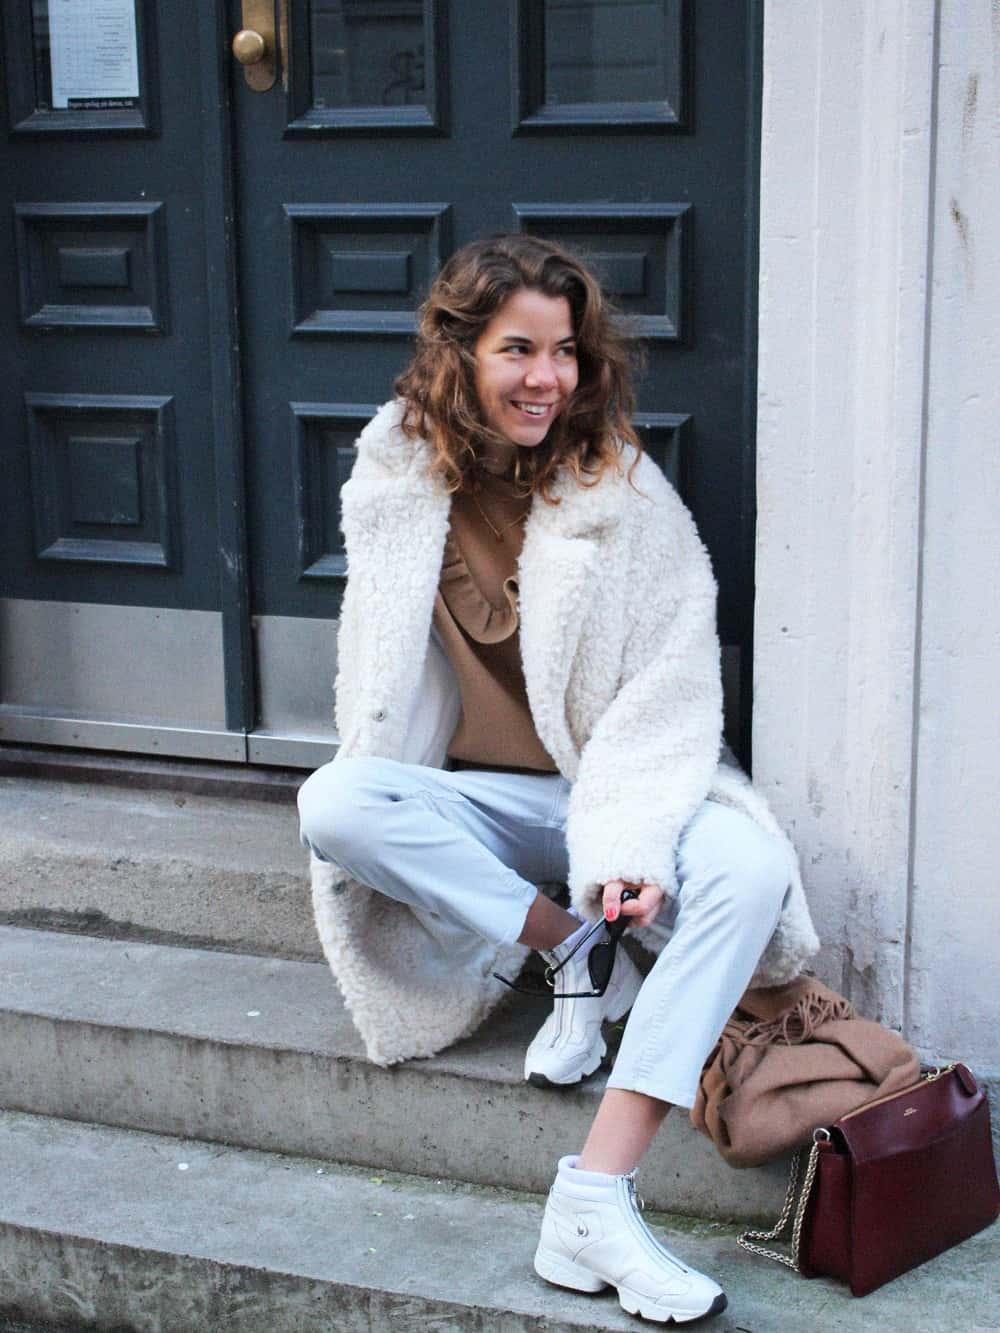 Mie Kirstine Quist gør garderoben klar til et nyt modeår